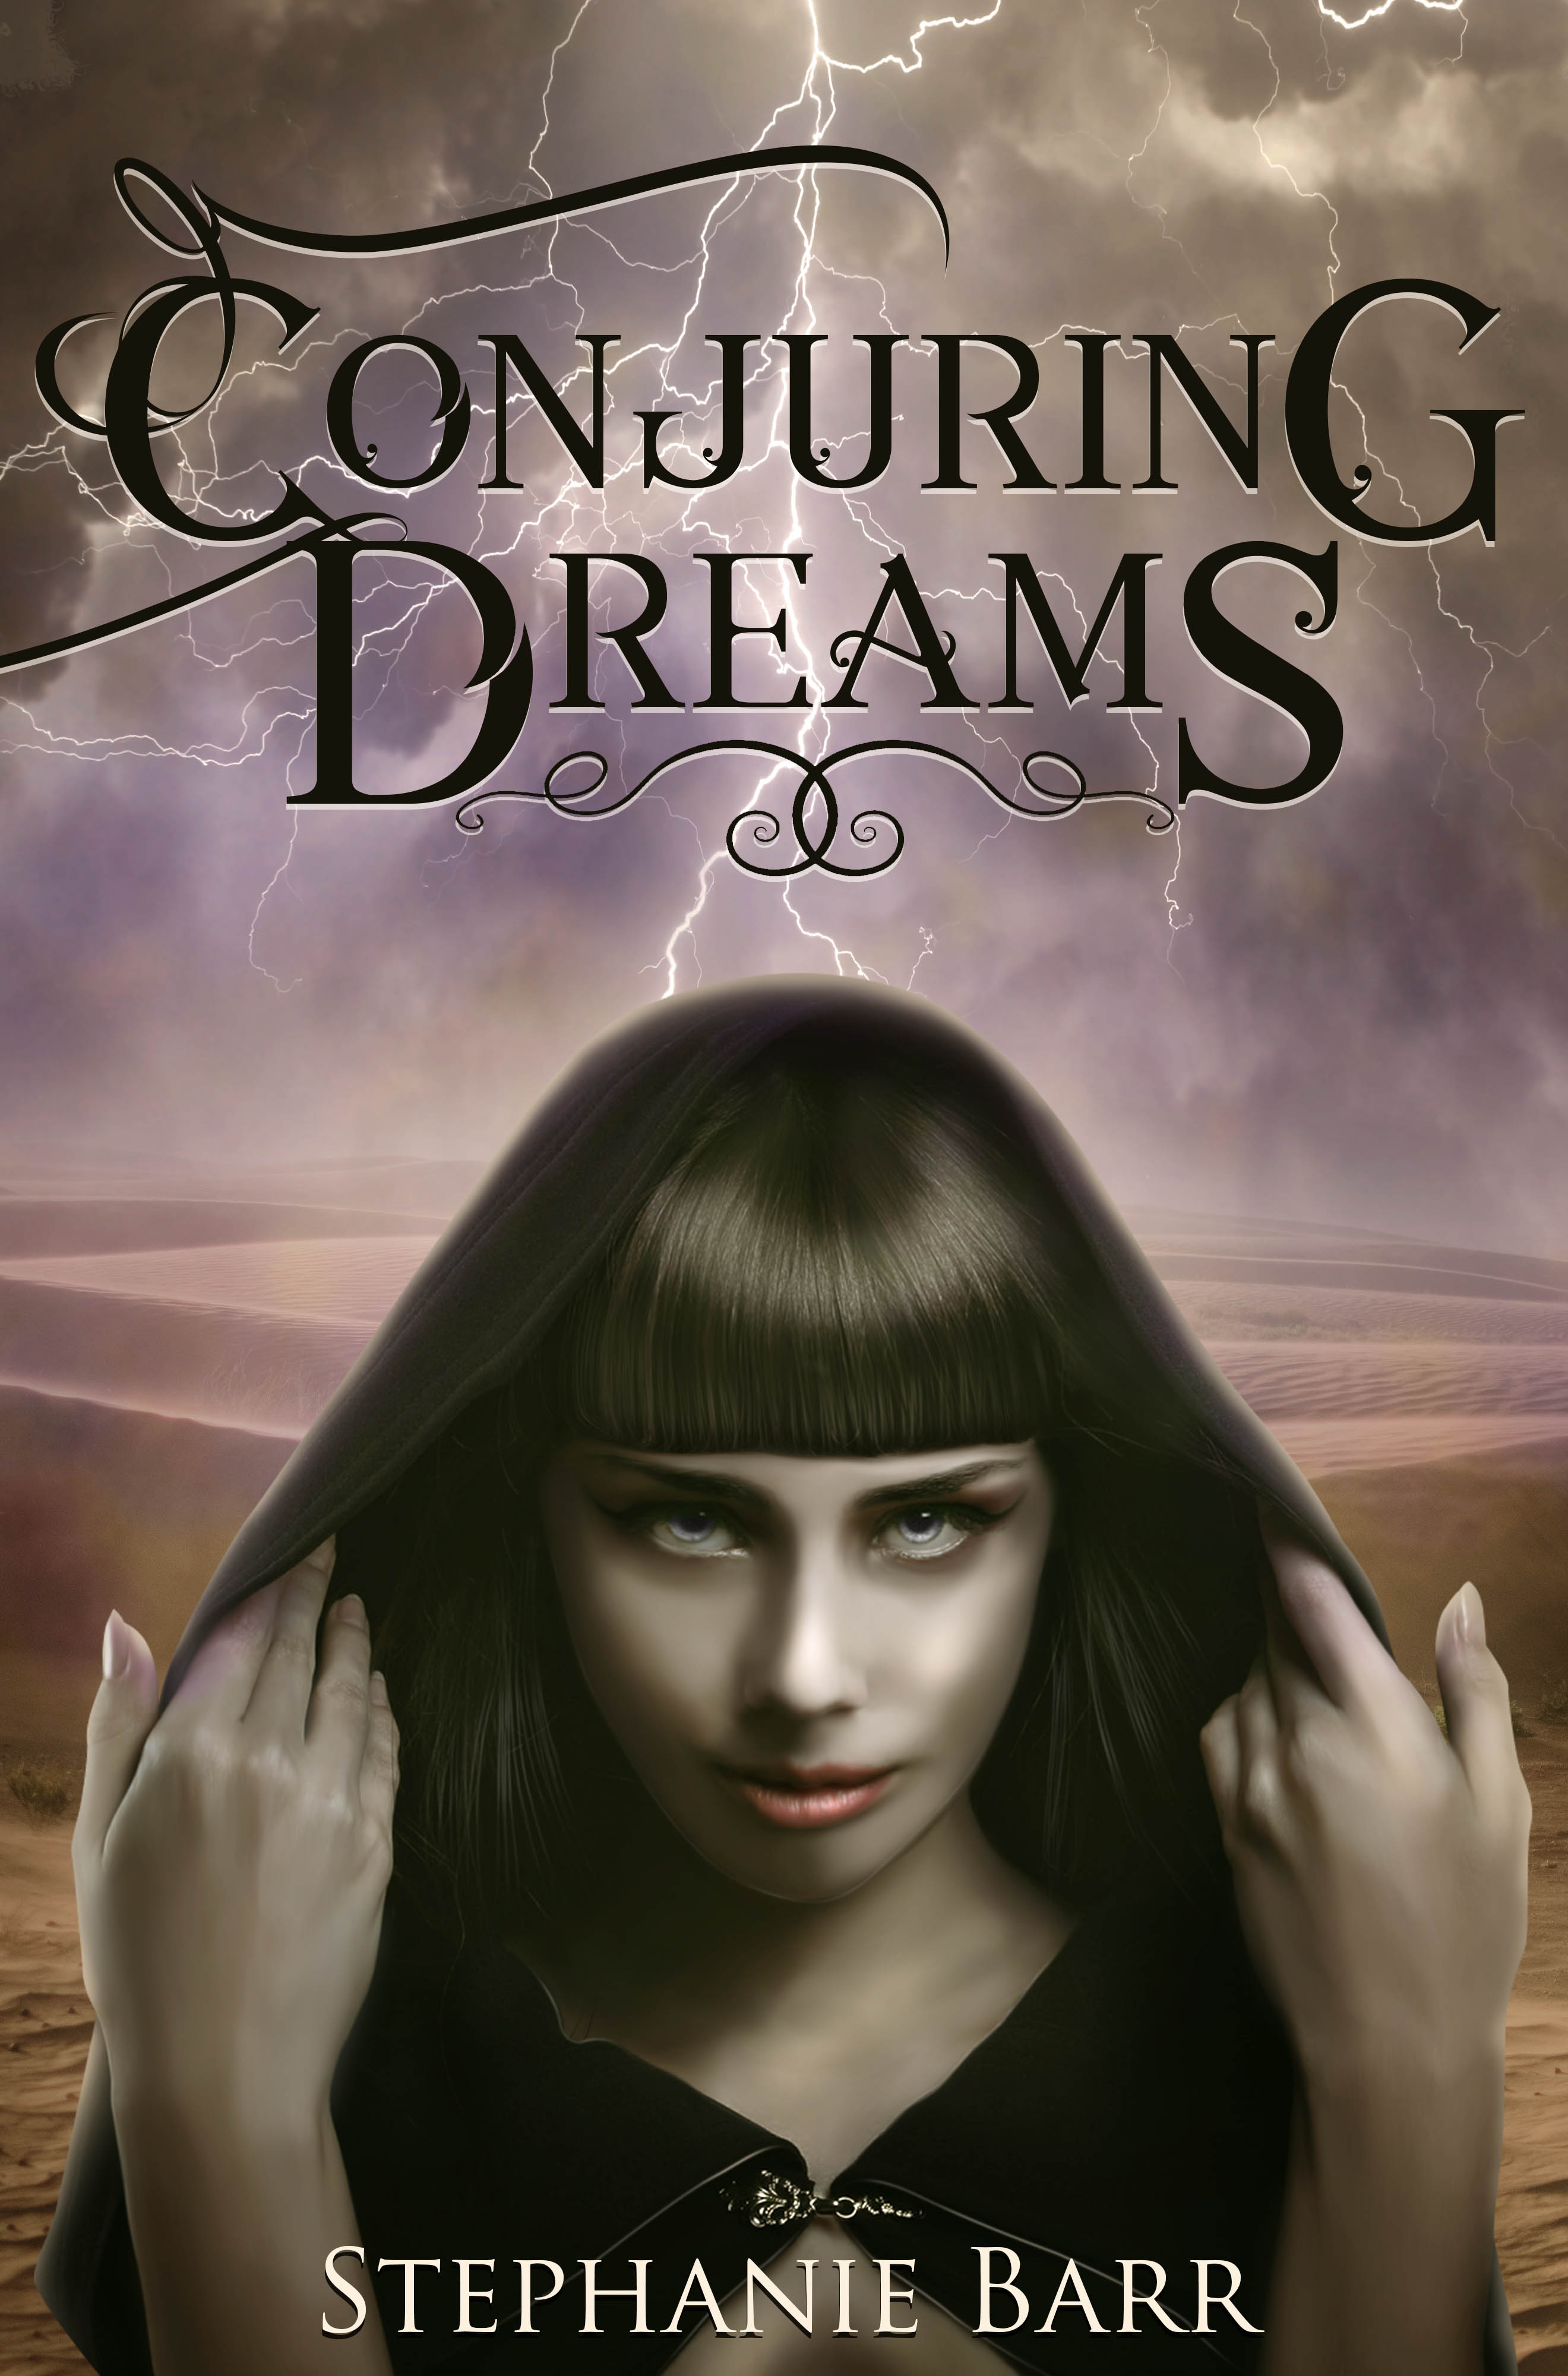 Conjuring Dreams